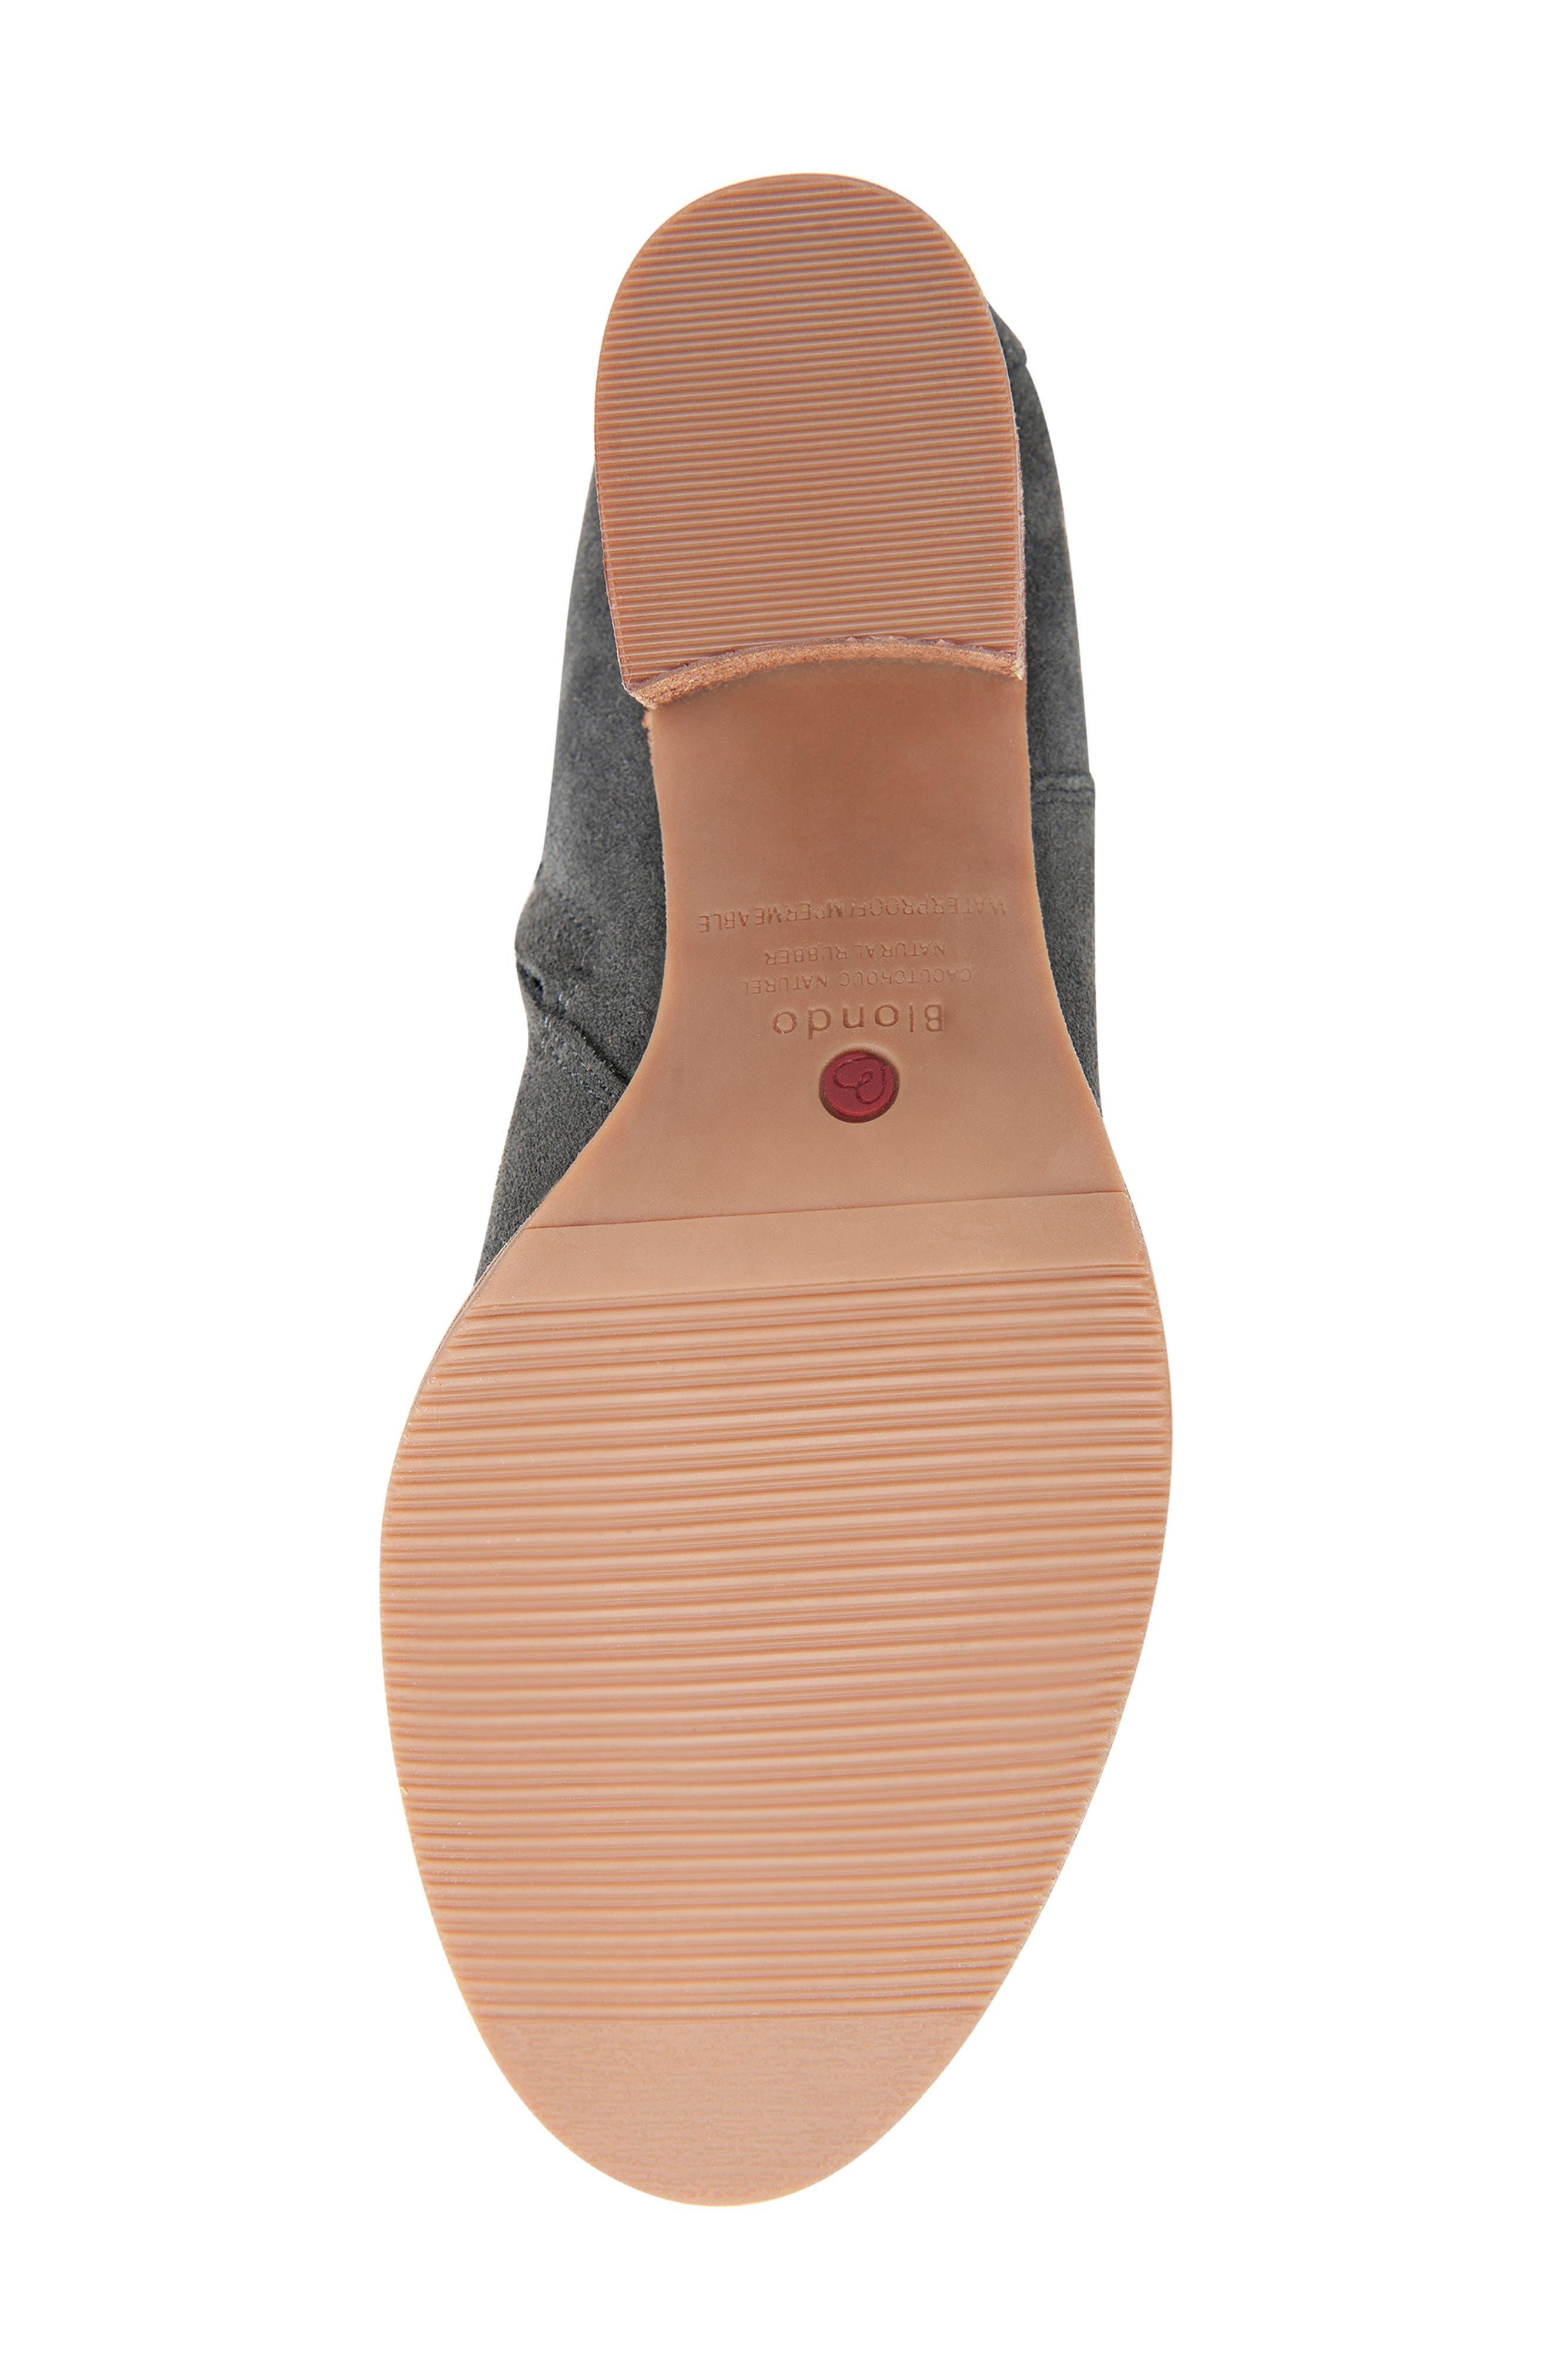 BLONDO, Nikki Waterproof Knee High Waterproof Boot, Alternate thumbnail 6, color, DARK GREY SUEDE